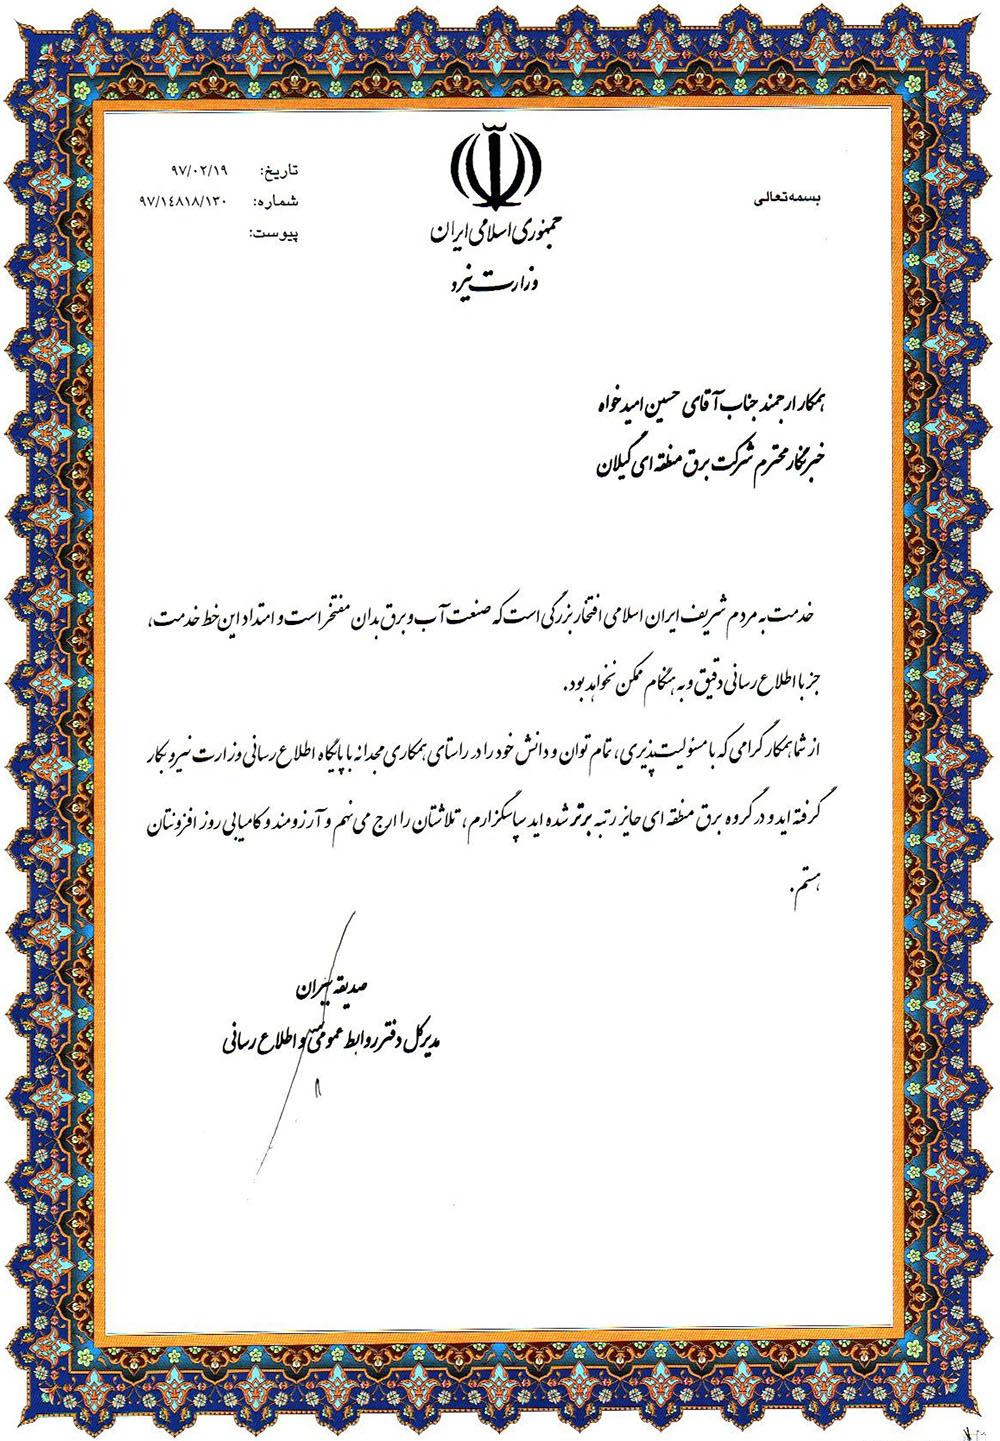 از سوی وزارت نیرو: برق منطقه ای گیلان شرکت برتر در بخش اطلاع رسانی شد